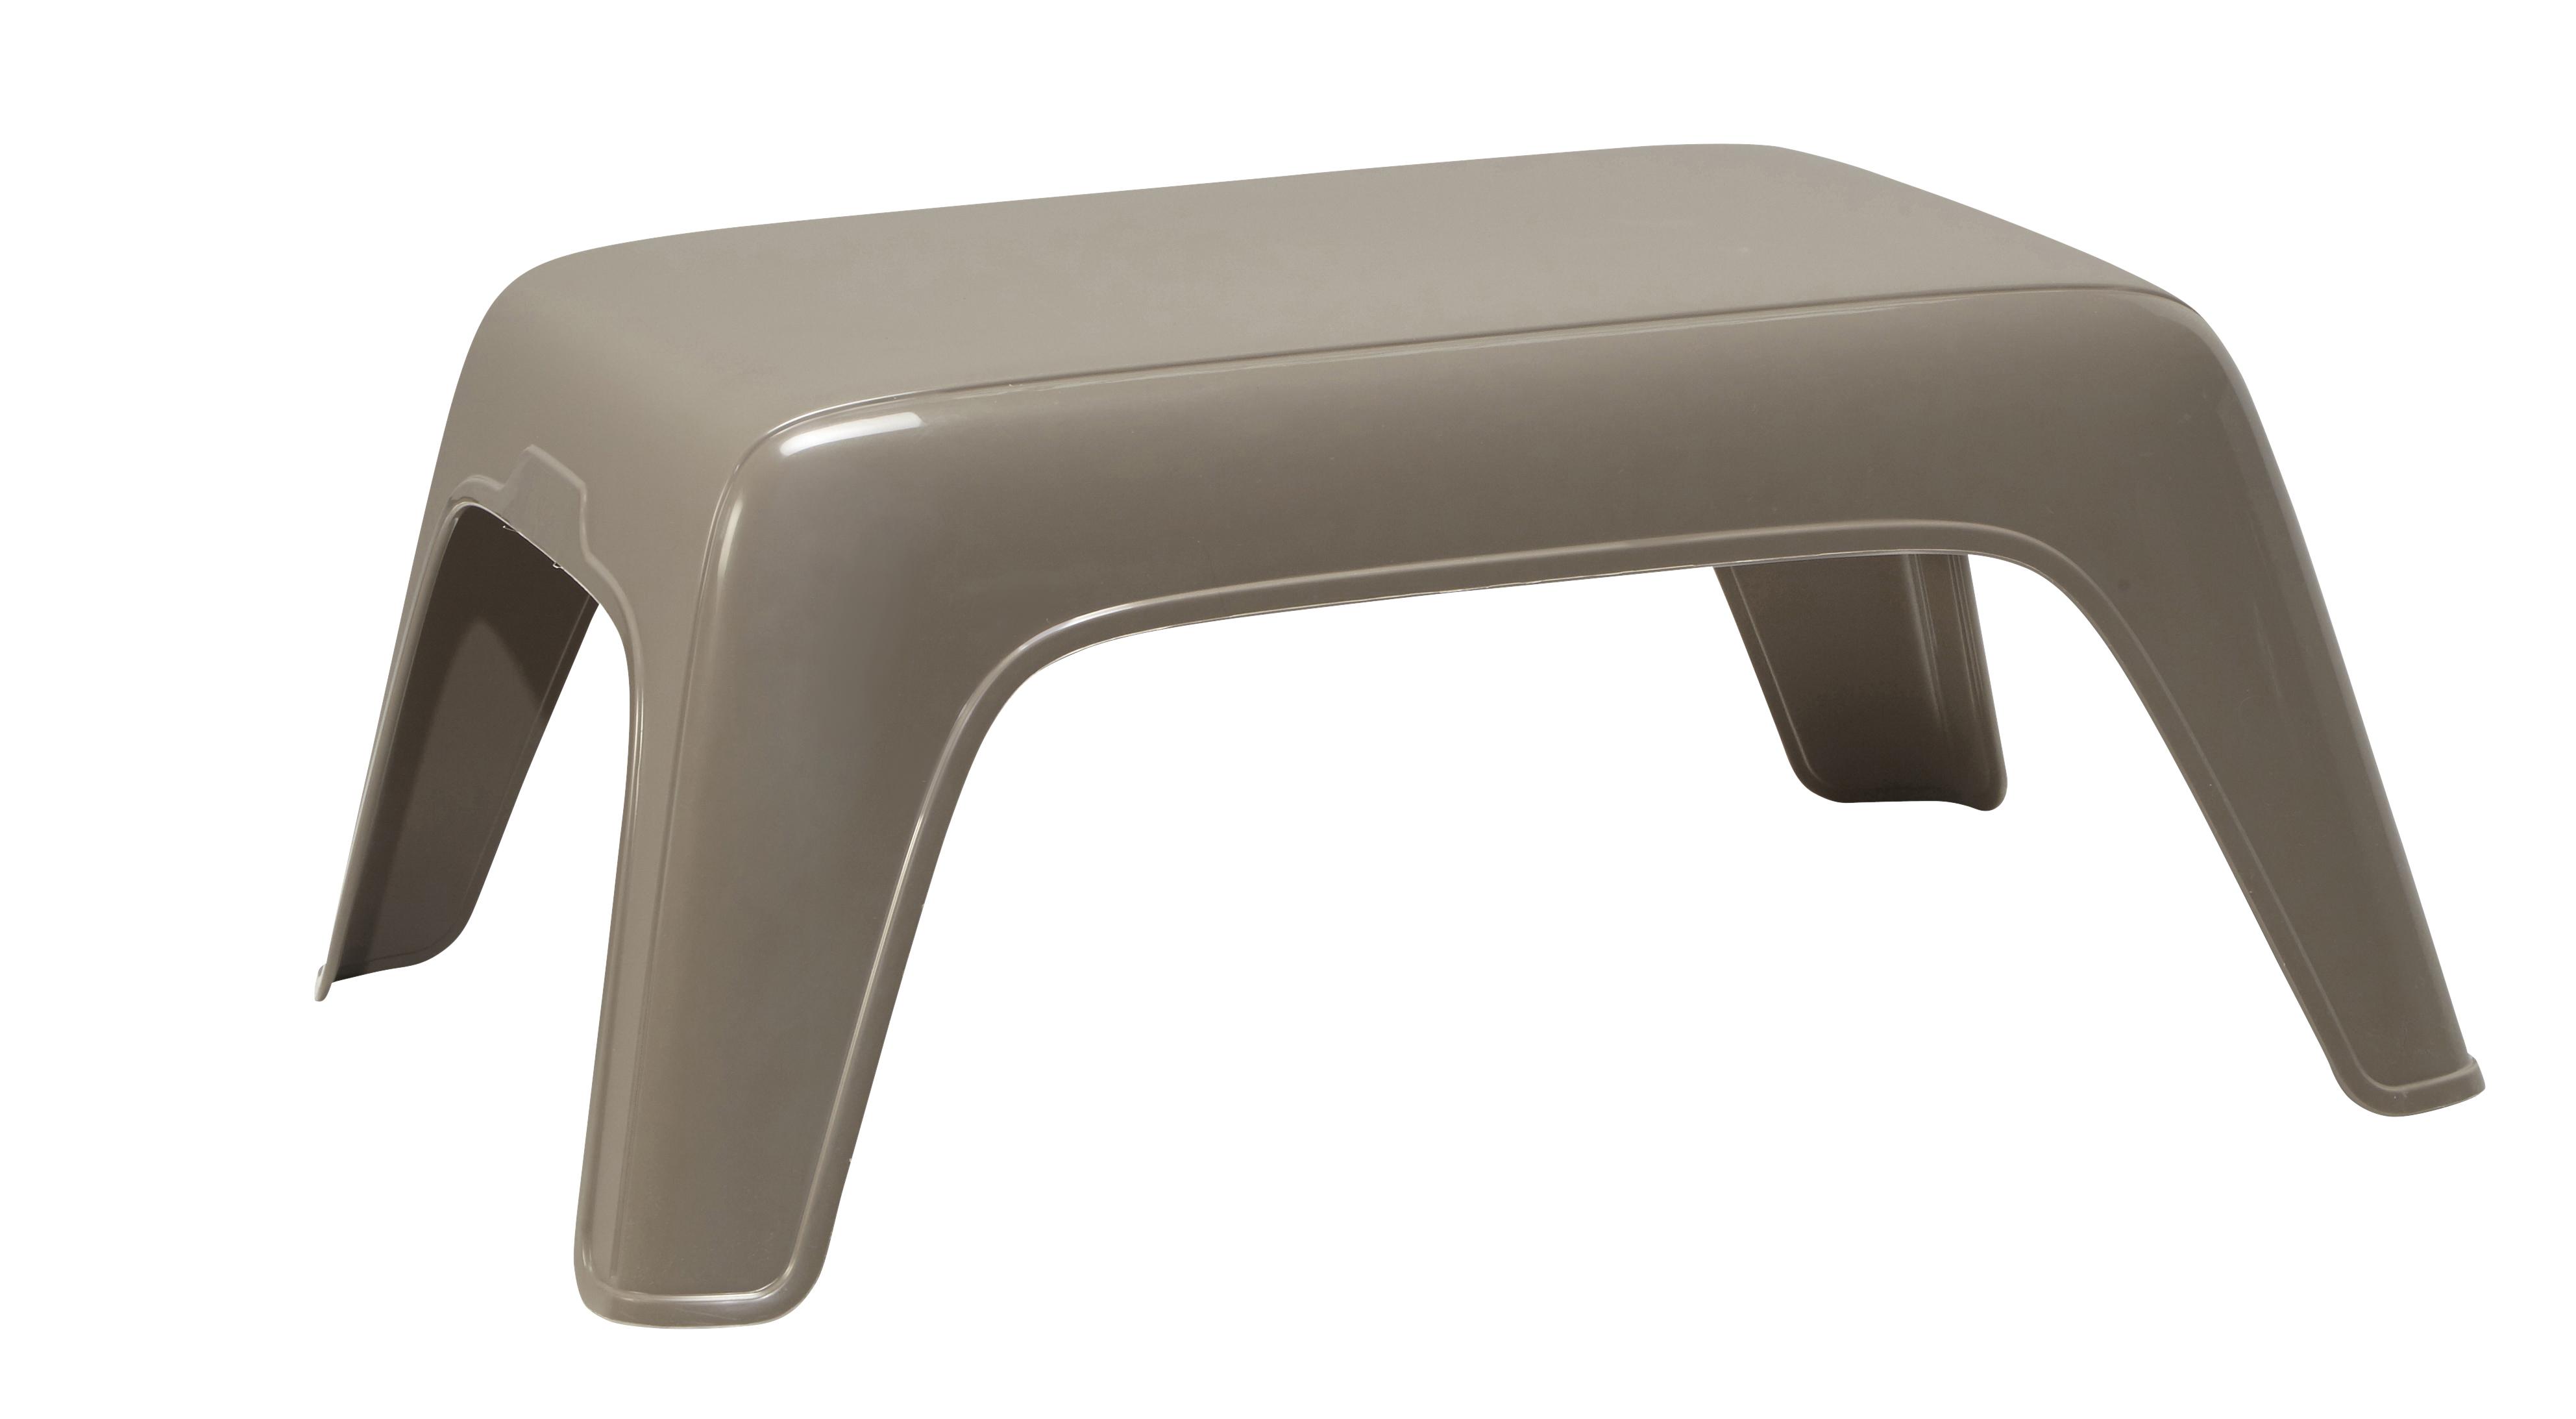 Tables Et Chaises Mobilier De Jardin Pas Cher En Livraison Et Drive